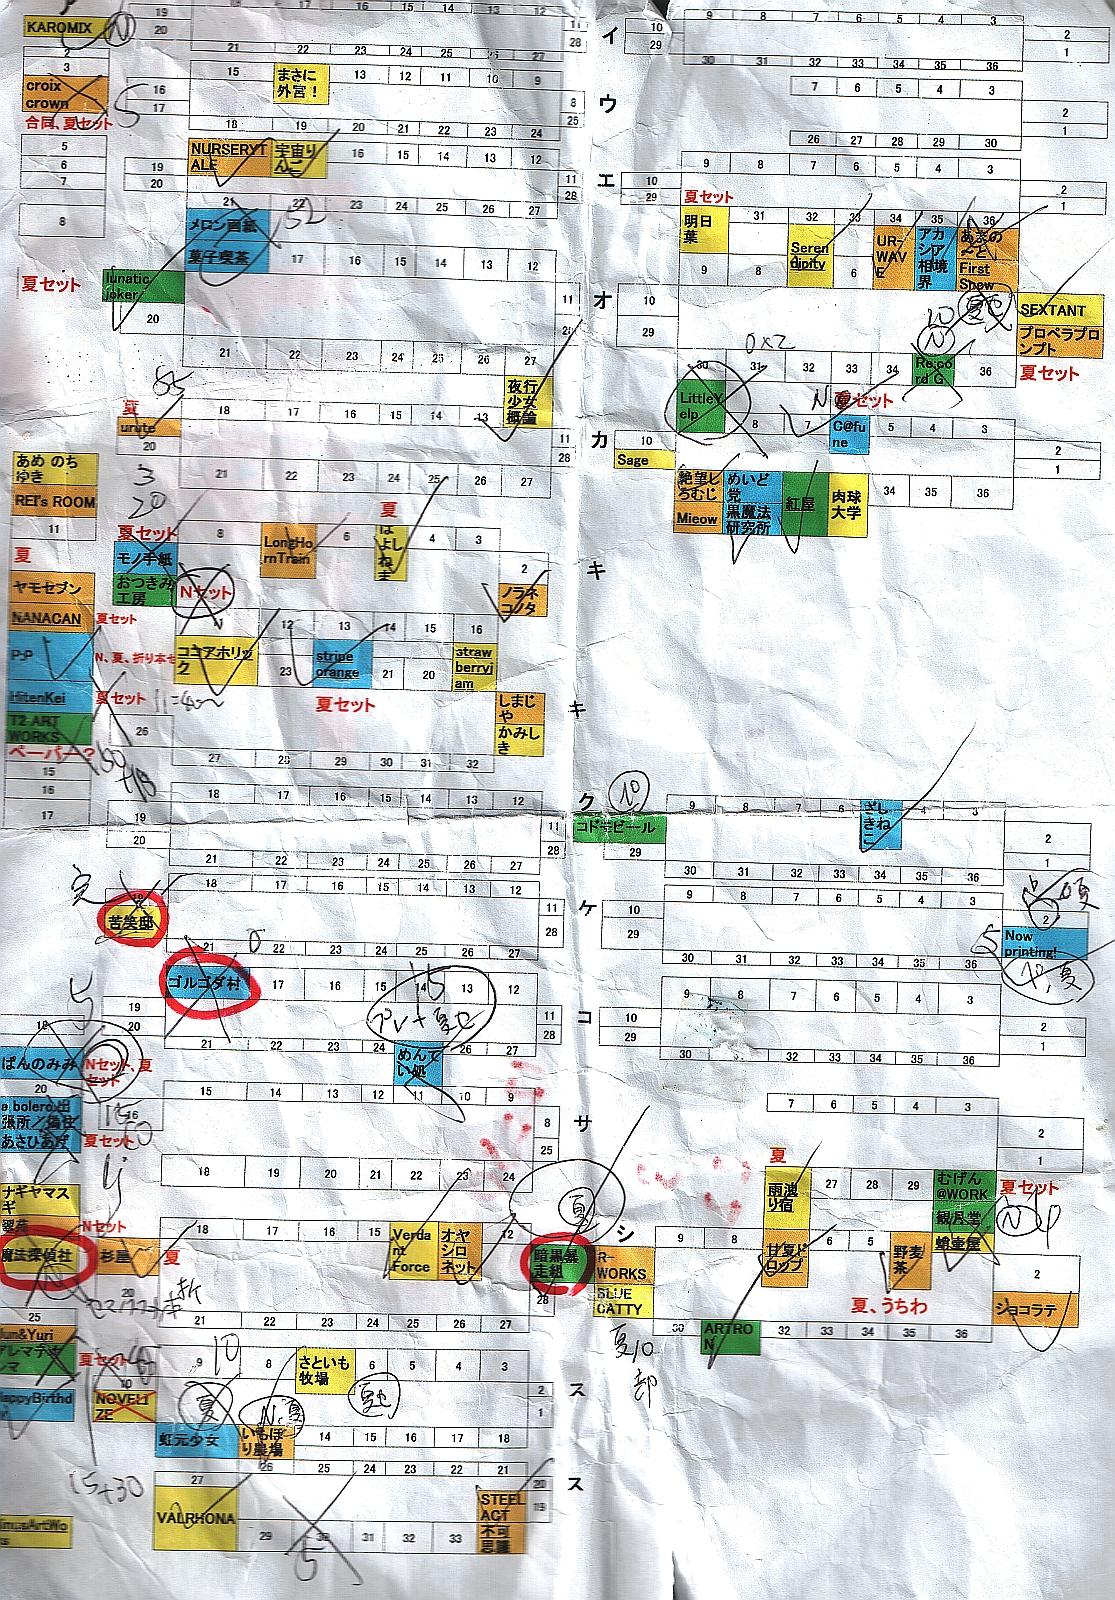 こみっくトレジャー32 4号館マップ